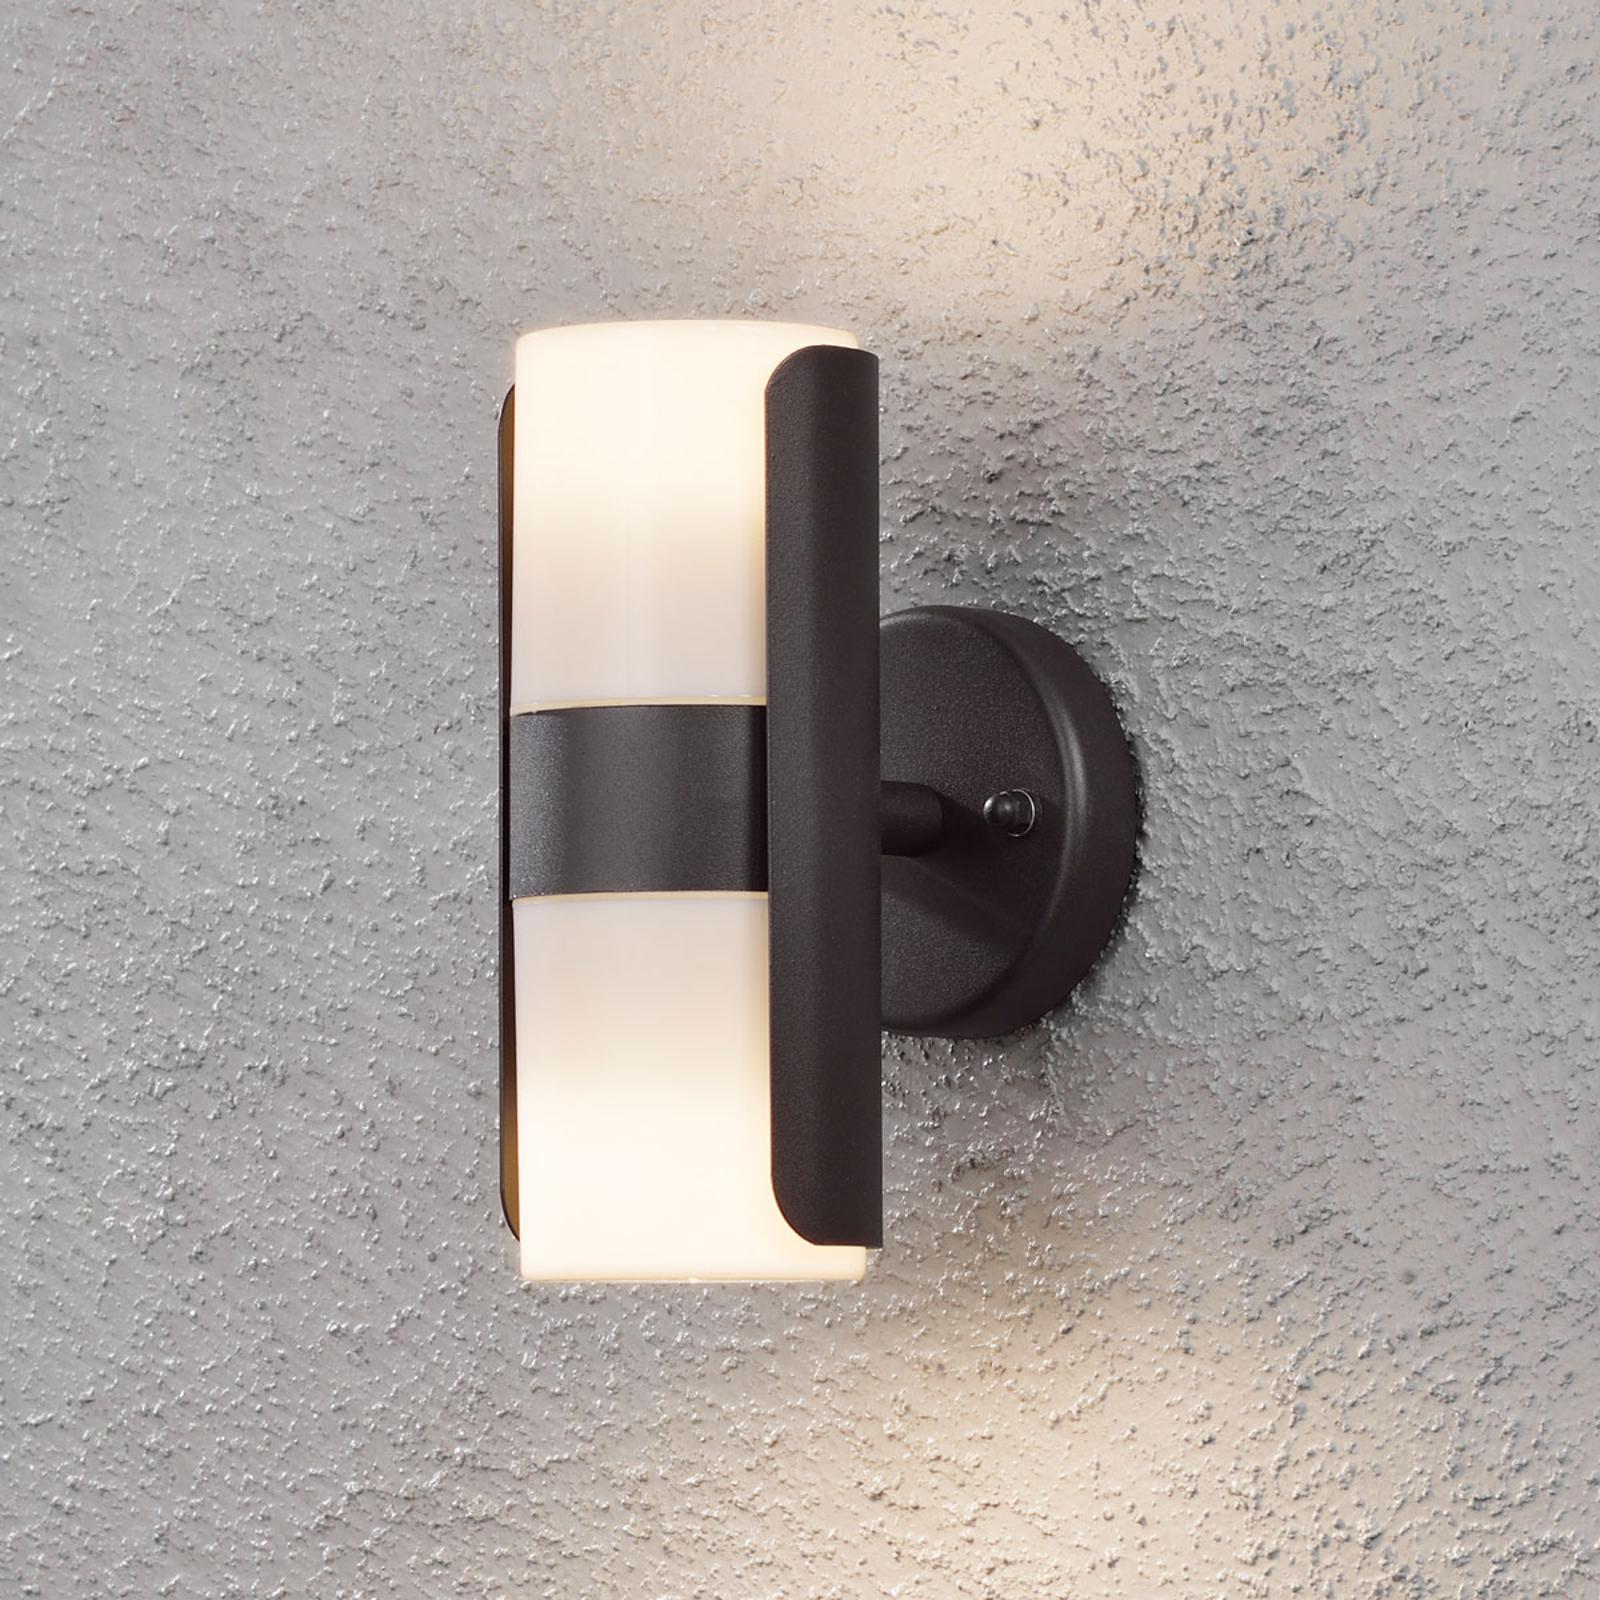 Buitenwandlamp Modena met witte acrylkappen